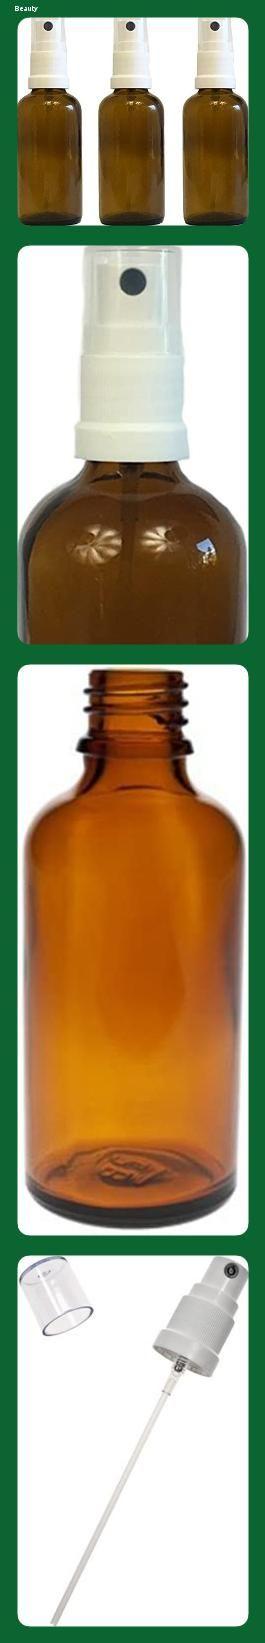 Fingerzerst/äuber Spr/ühflaschen Pumpspr/üher kleine Glasflaschen Parf/ümzerst/äuber Made in Germany F/üllmenge 50 ml Apotheker-Spr/ühflasche aus Braunglas Zerst/äubereffekt 3 teilig